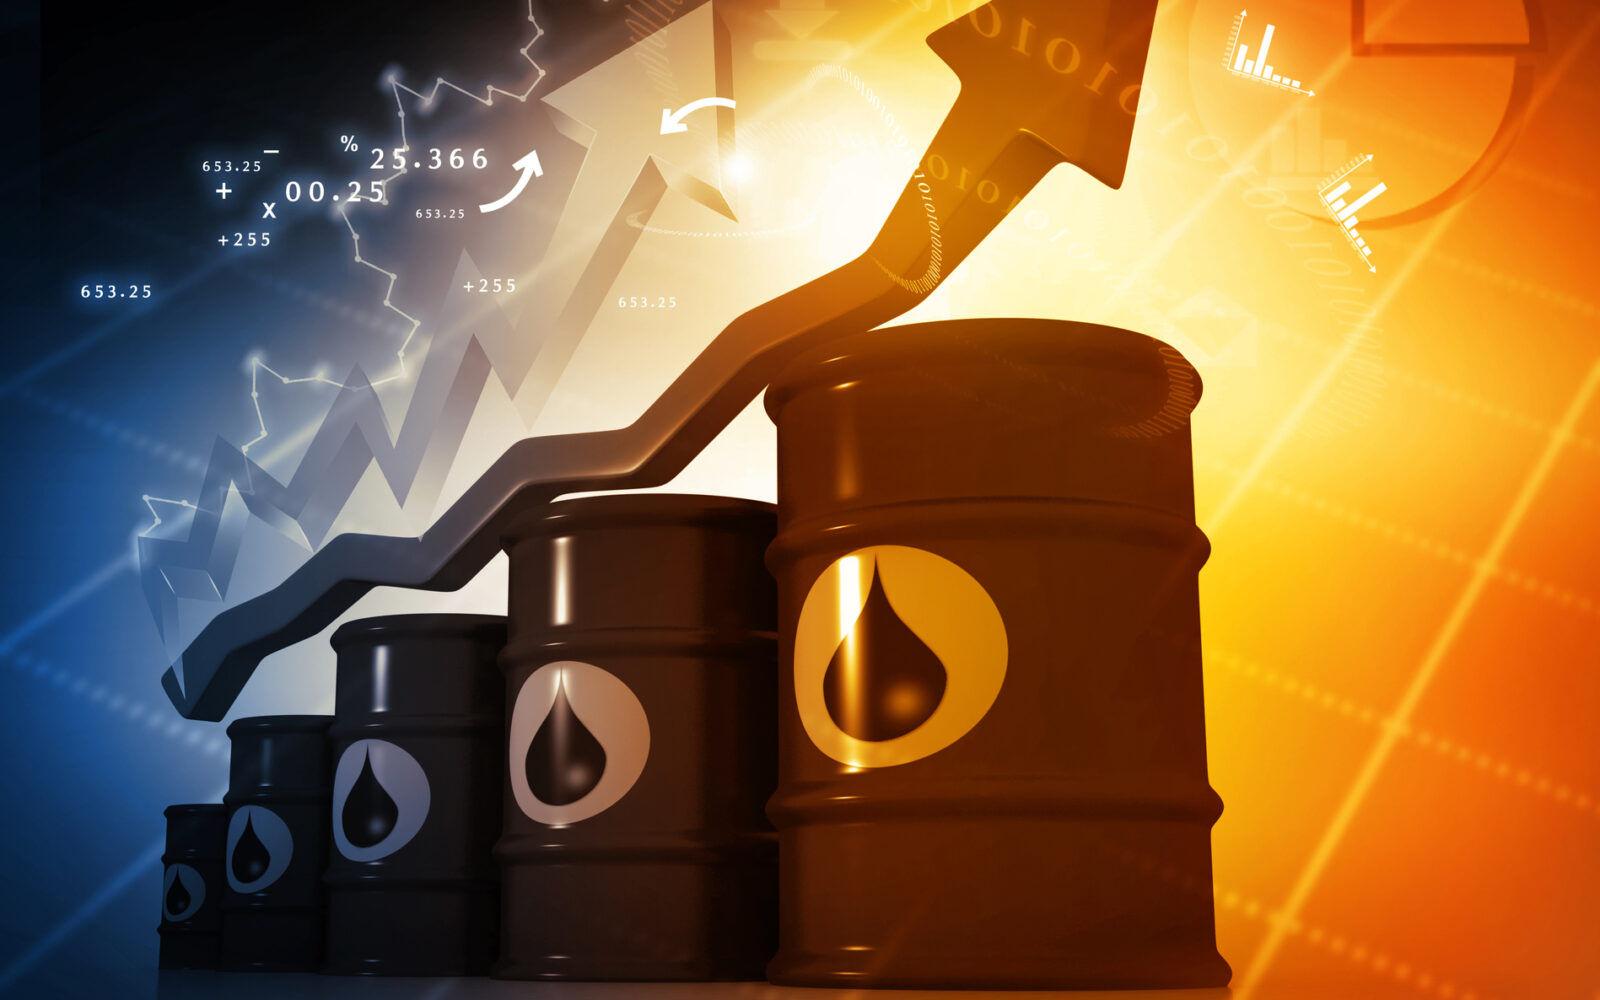 Цена на нефть побила многолетний рекорд за последние годы из-за тотального энергокризиса, и это не предел